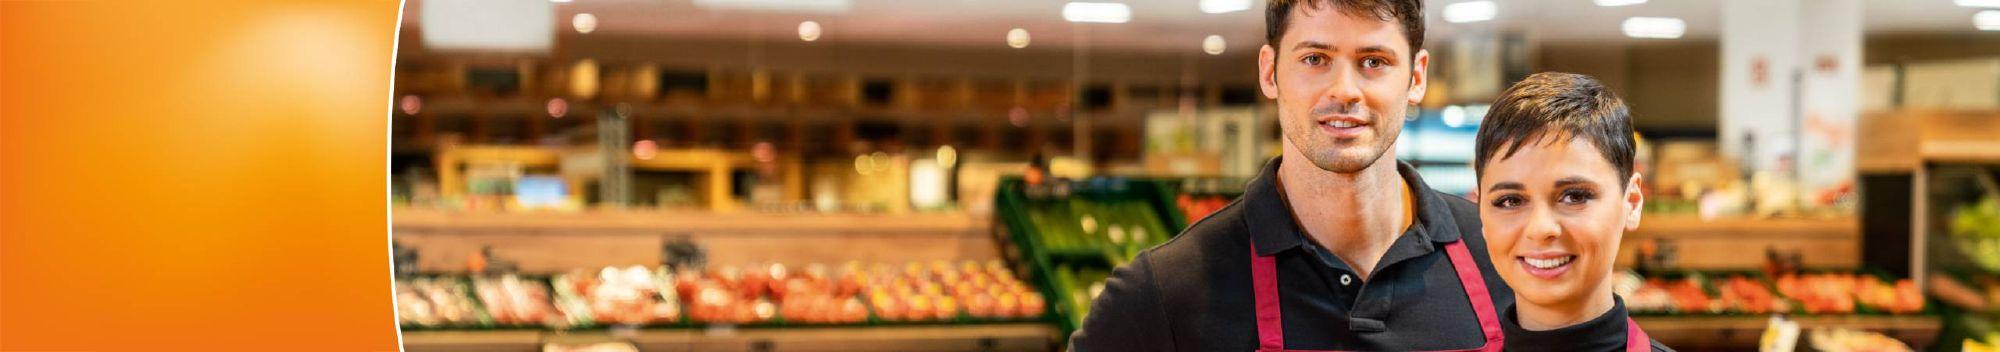 Keyvisual Food Stores Desktop 2560x450.jpg